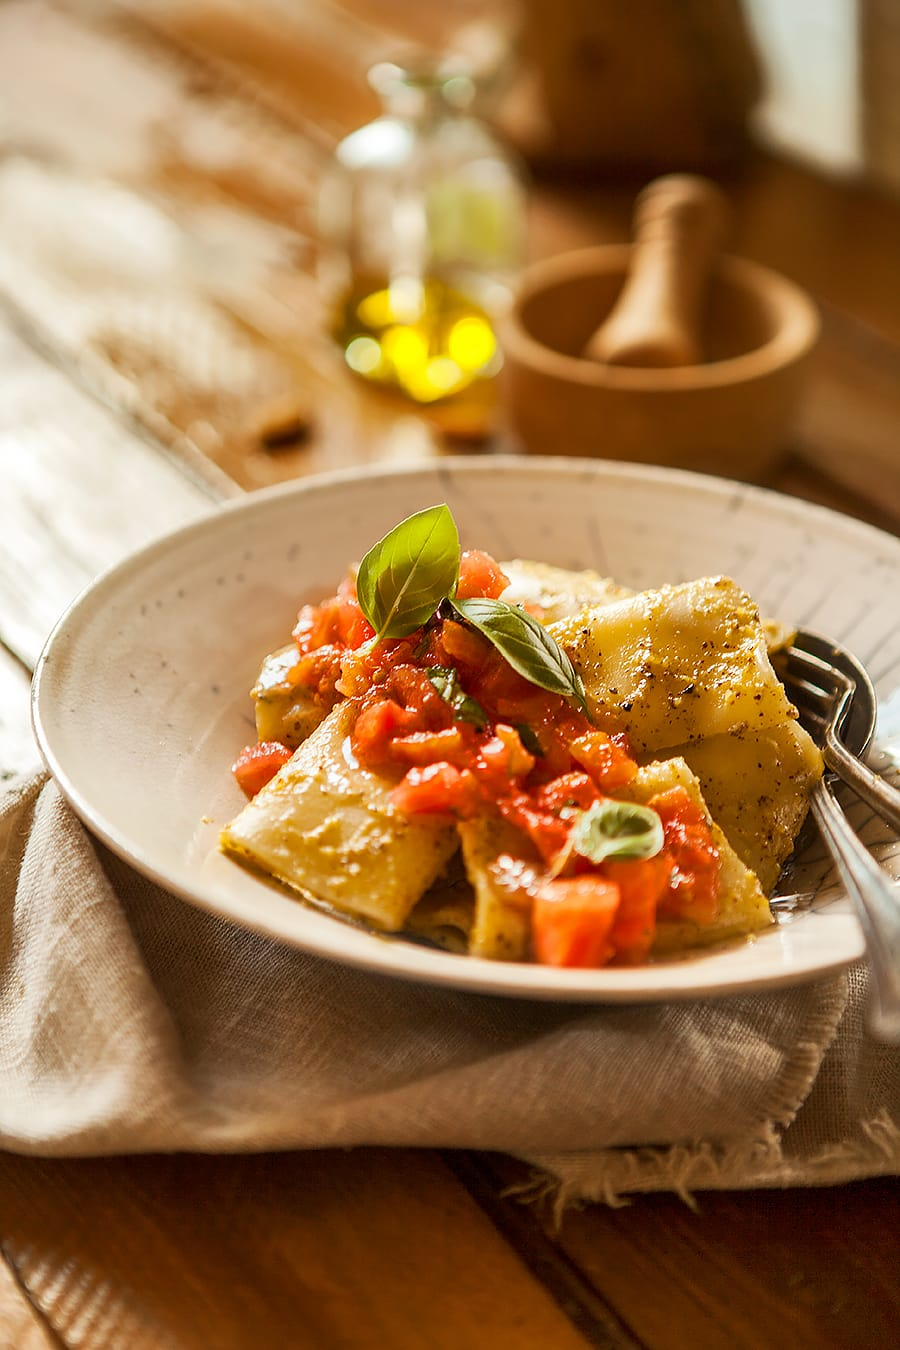 Recettes des pâtes au pesto de pistaches et d'amandes, concassé de tomates